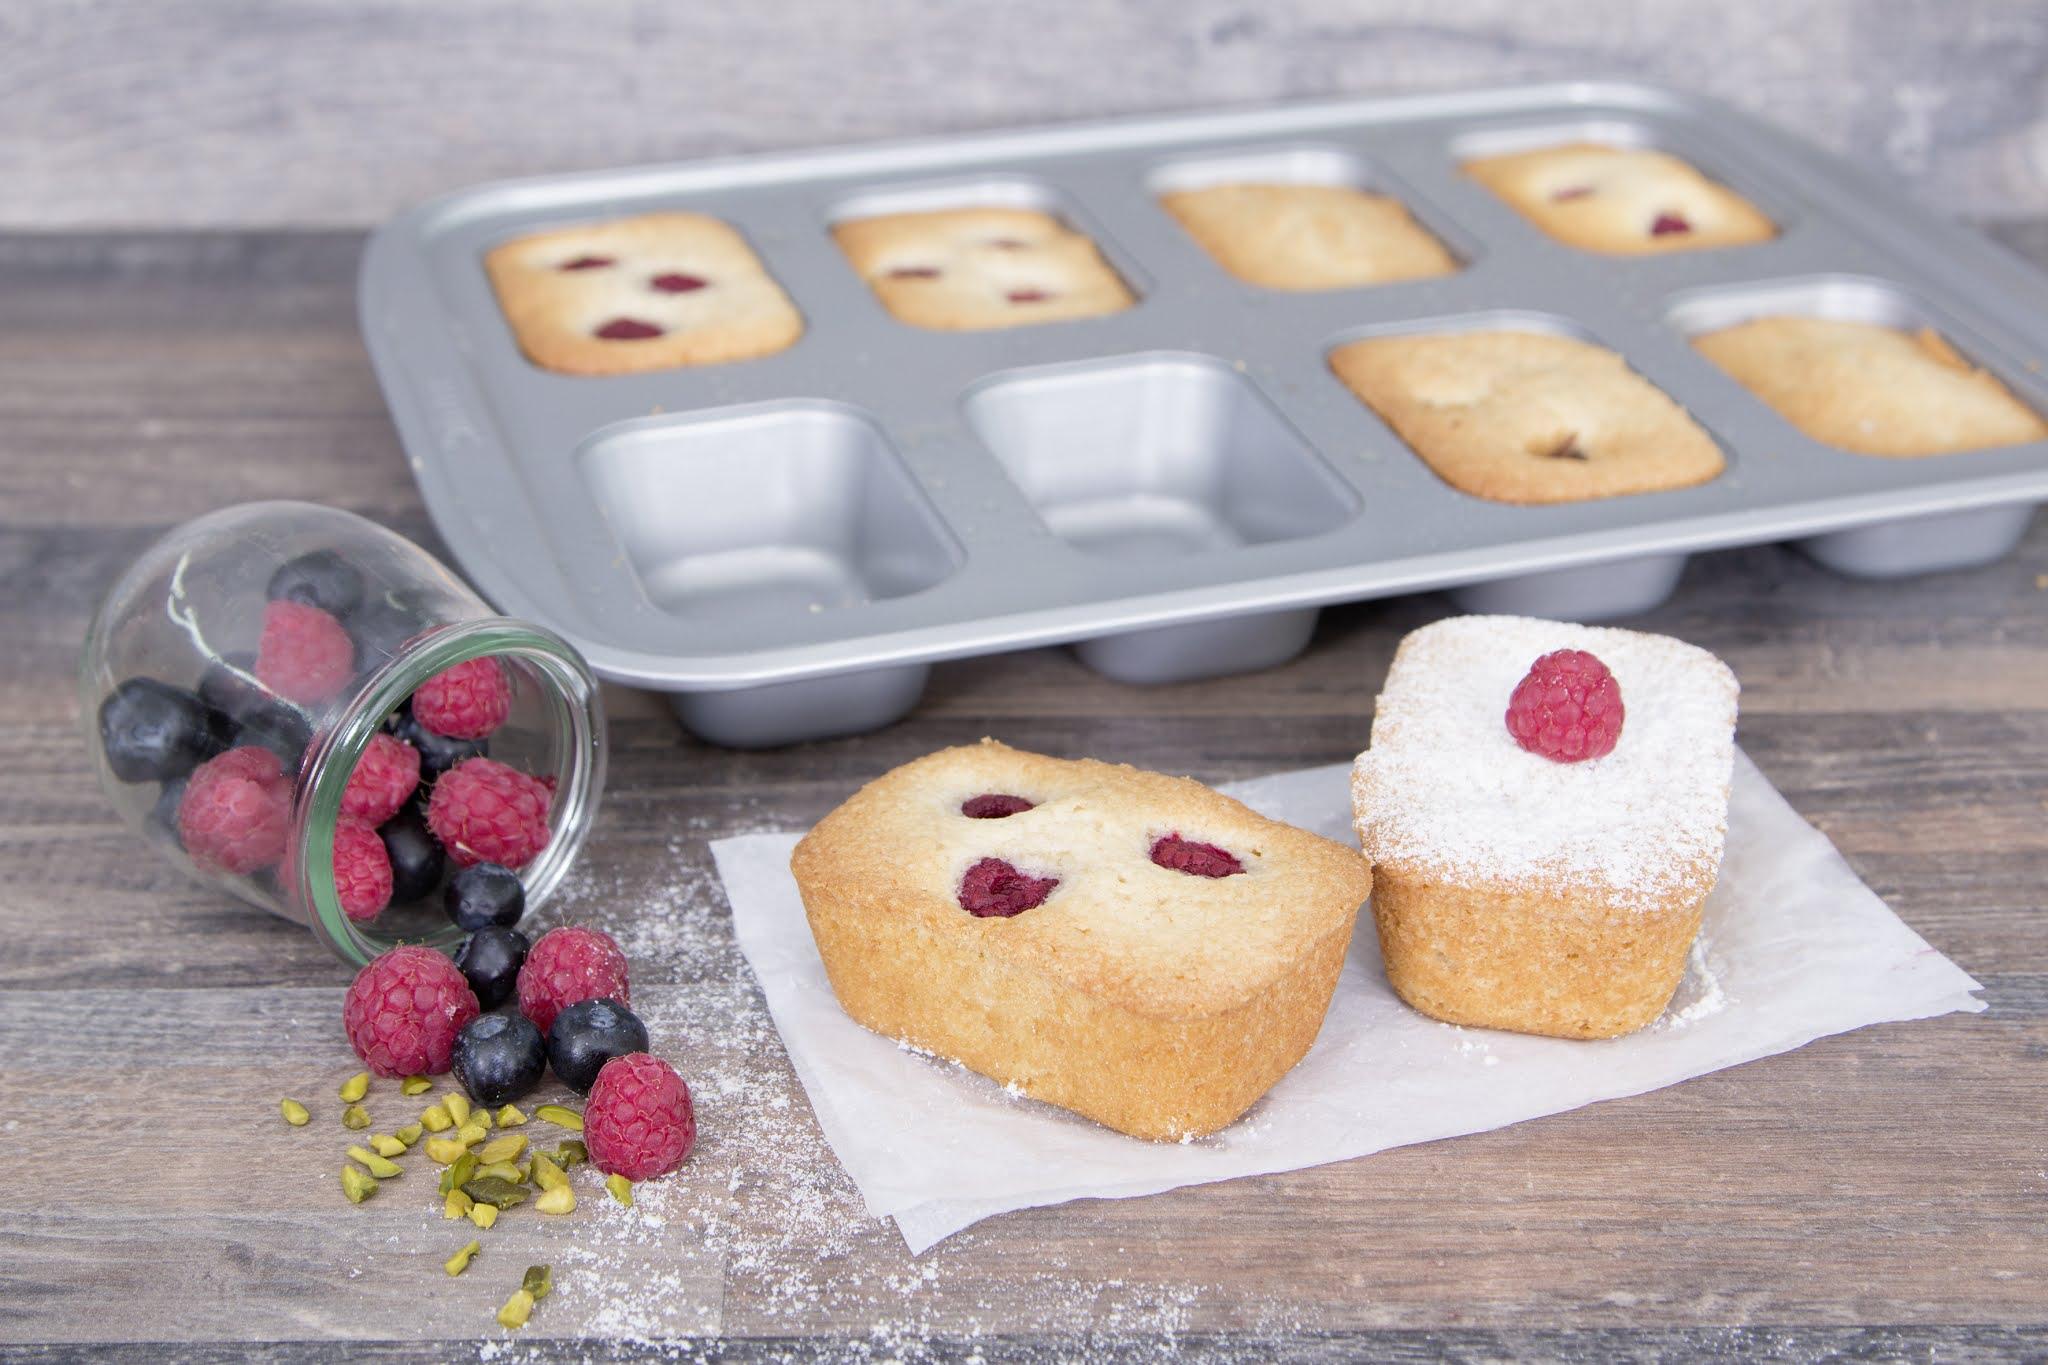 We love baking Mini Cake Form der Firma Städter